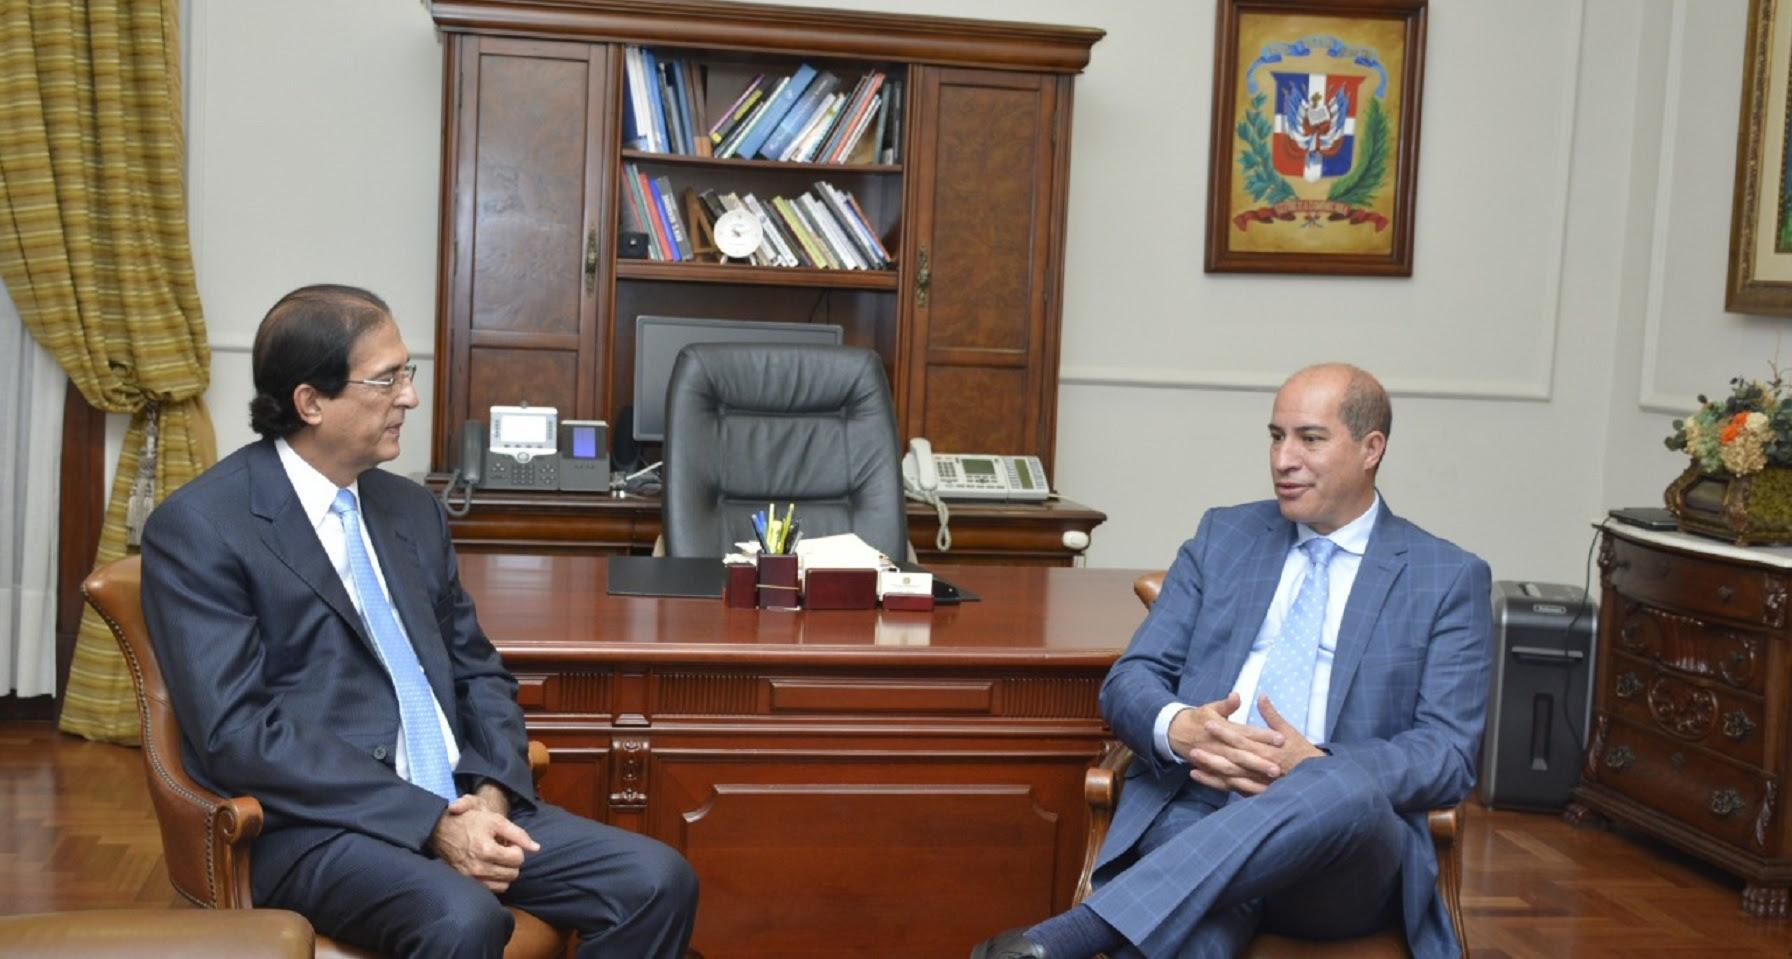 , Servicio Seguridad ECU-911 de Ecuador, y Sistema 911 de República Dominicana tendrán colaboración mutua